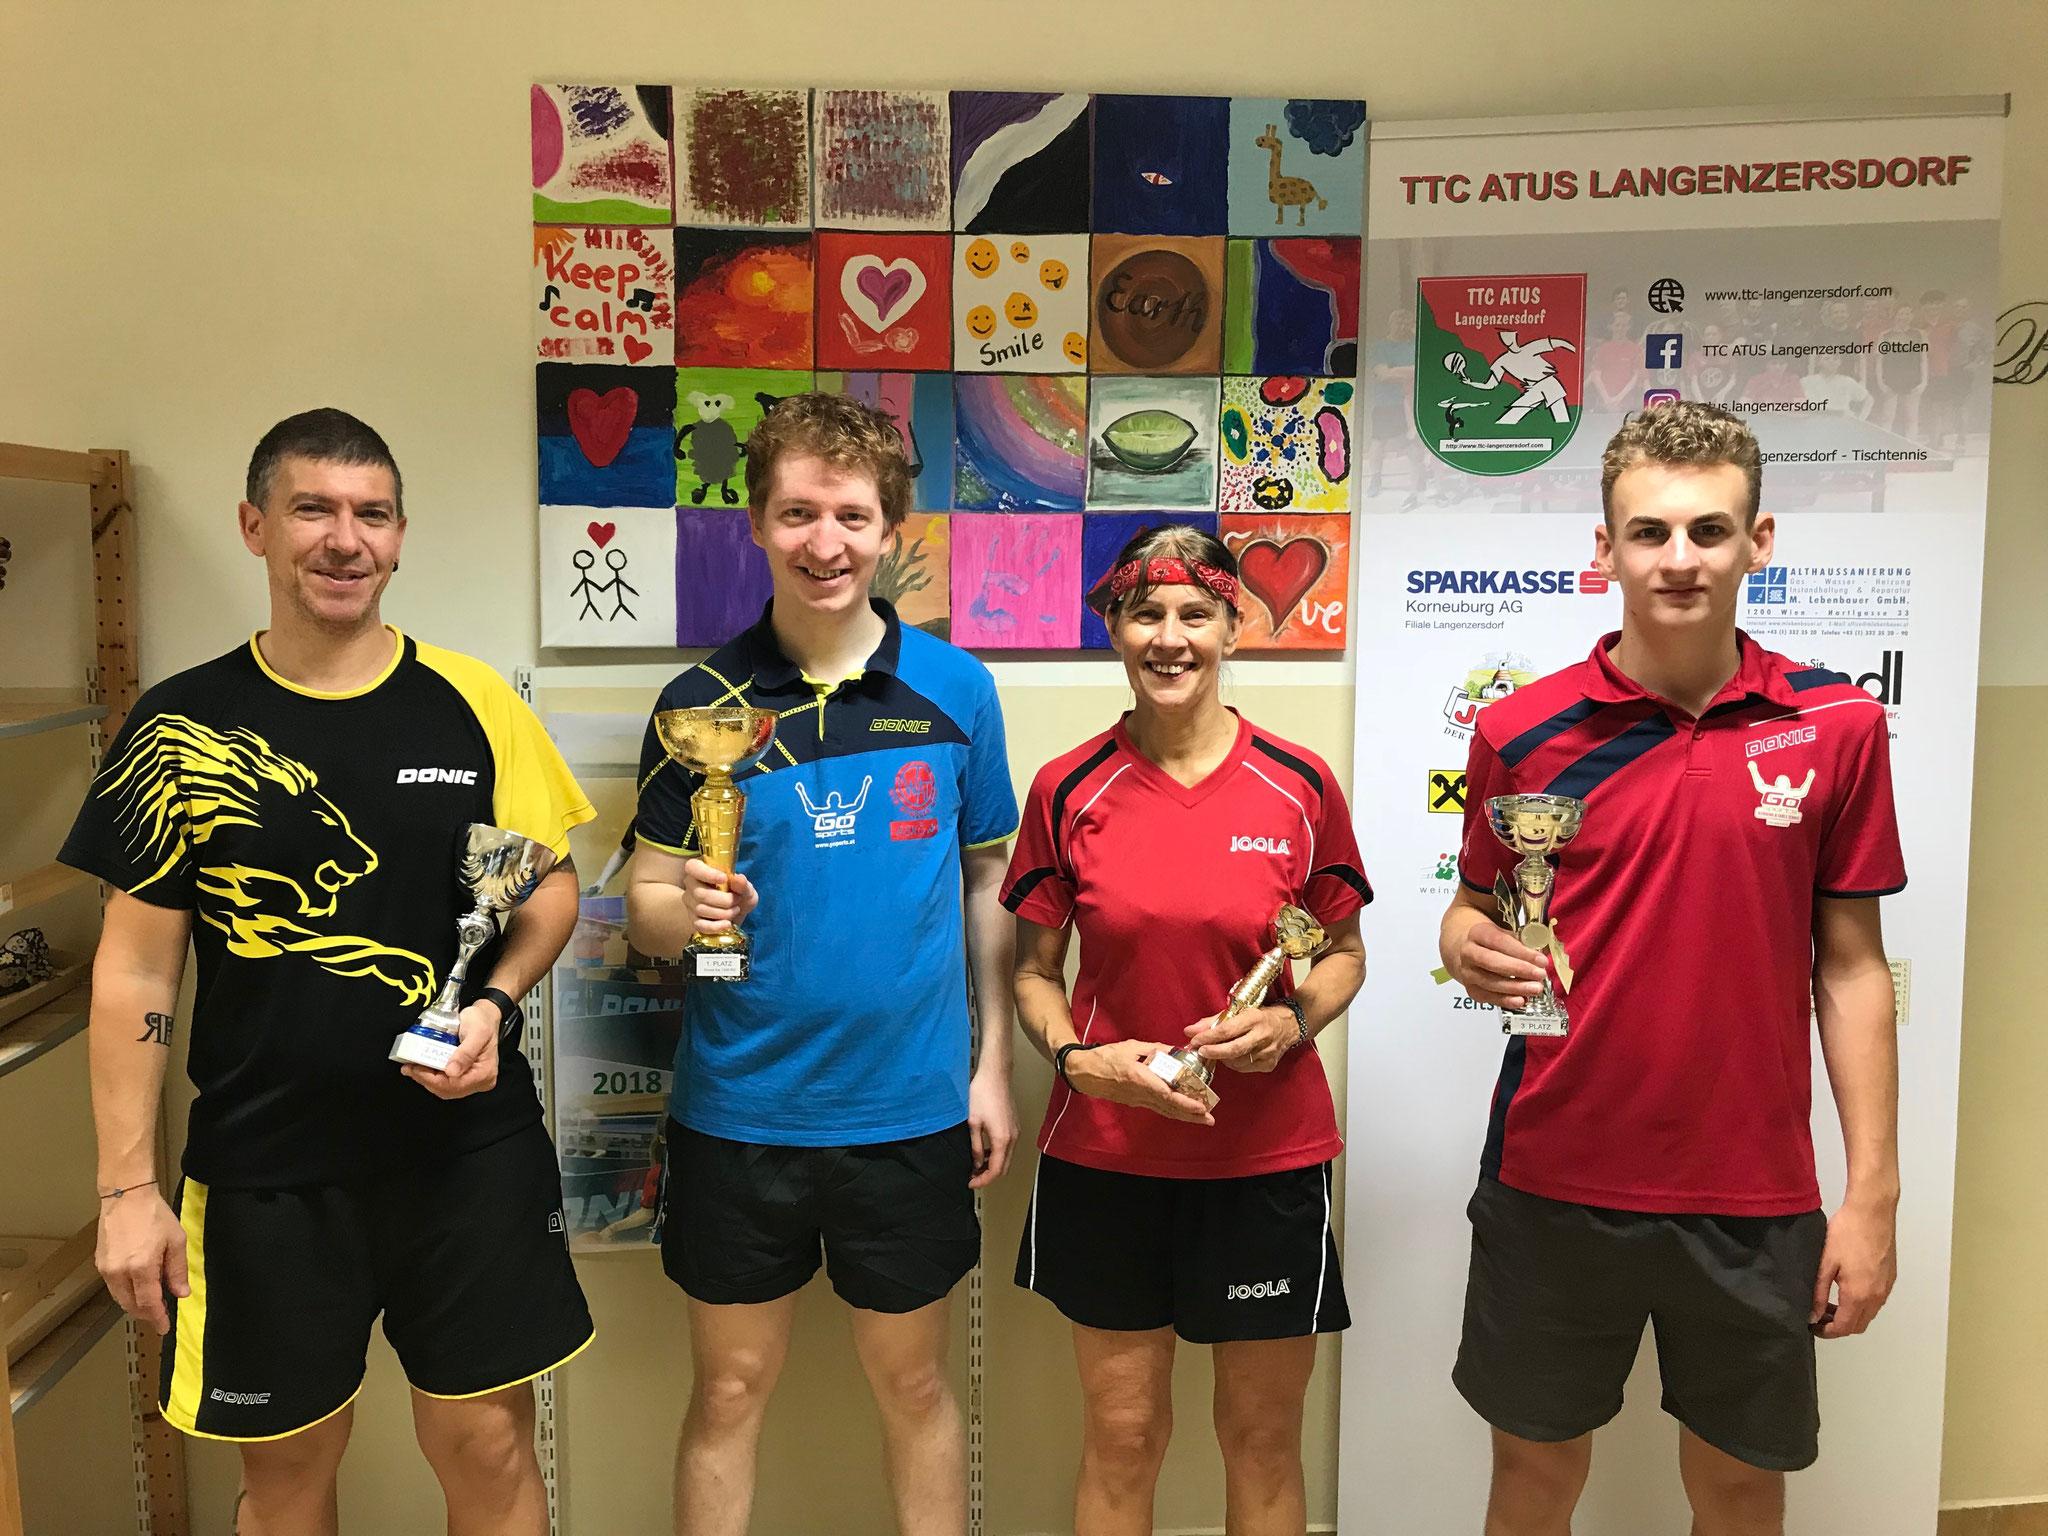 Siegerfoto Bewerb C: v.l.n.r. Manfred Loidl (PER) (Platz 2), Florian Welles (KAI) (Sieger), Sonita Habesohn (EDEN) und Johannes Gstaltner (LENZ) (beide Platz 3)